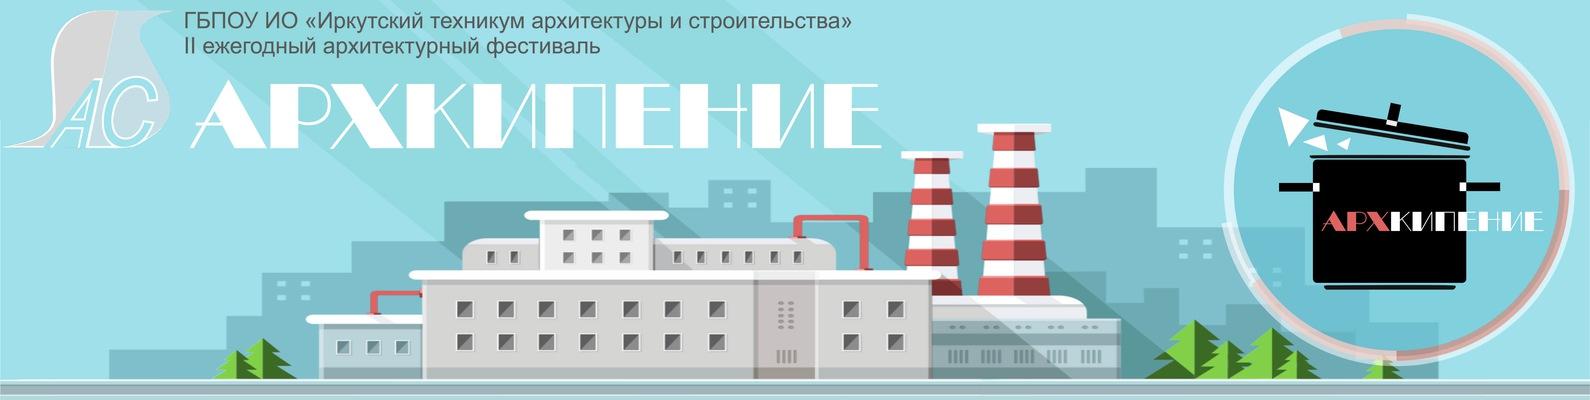 Иркутский техникум архитектуры и строительства